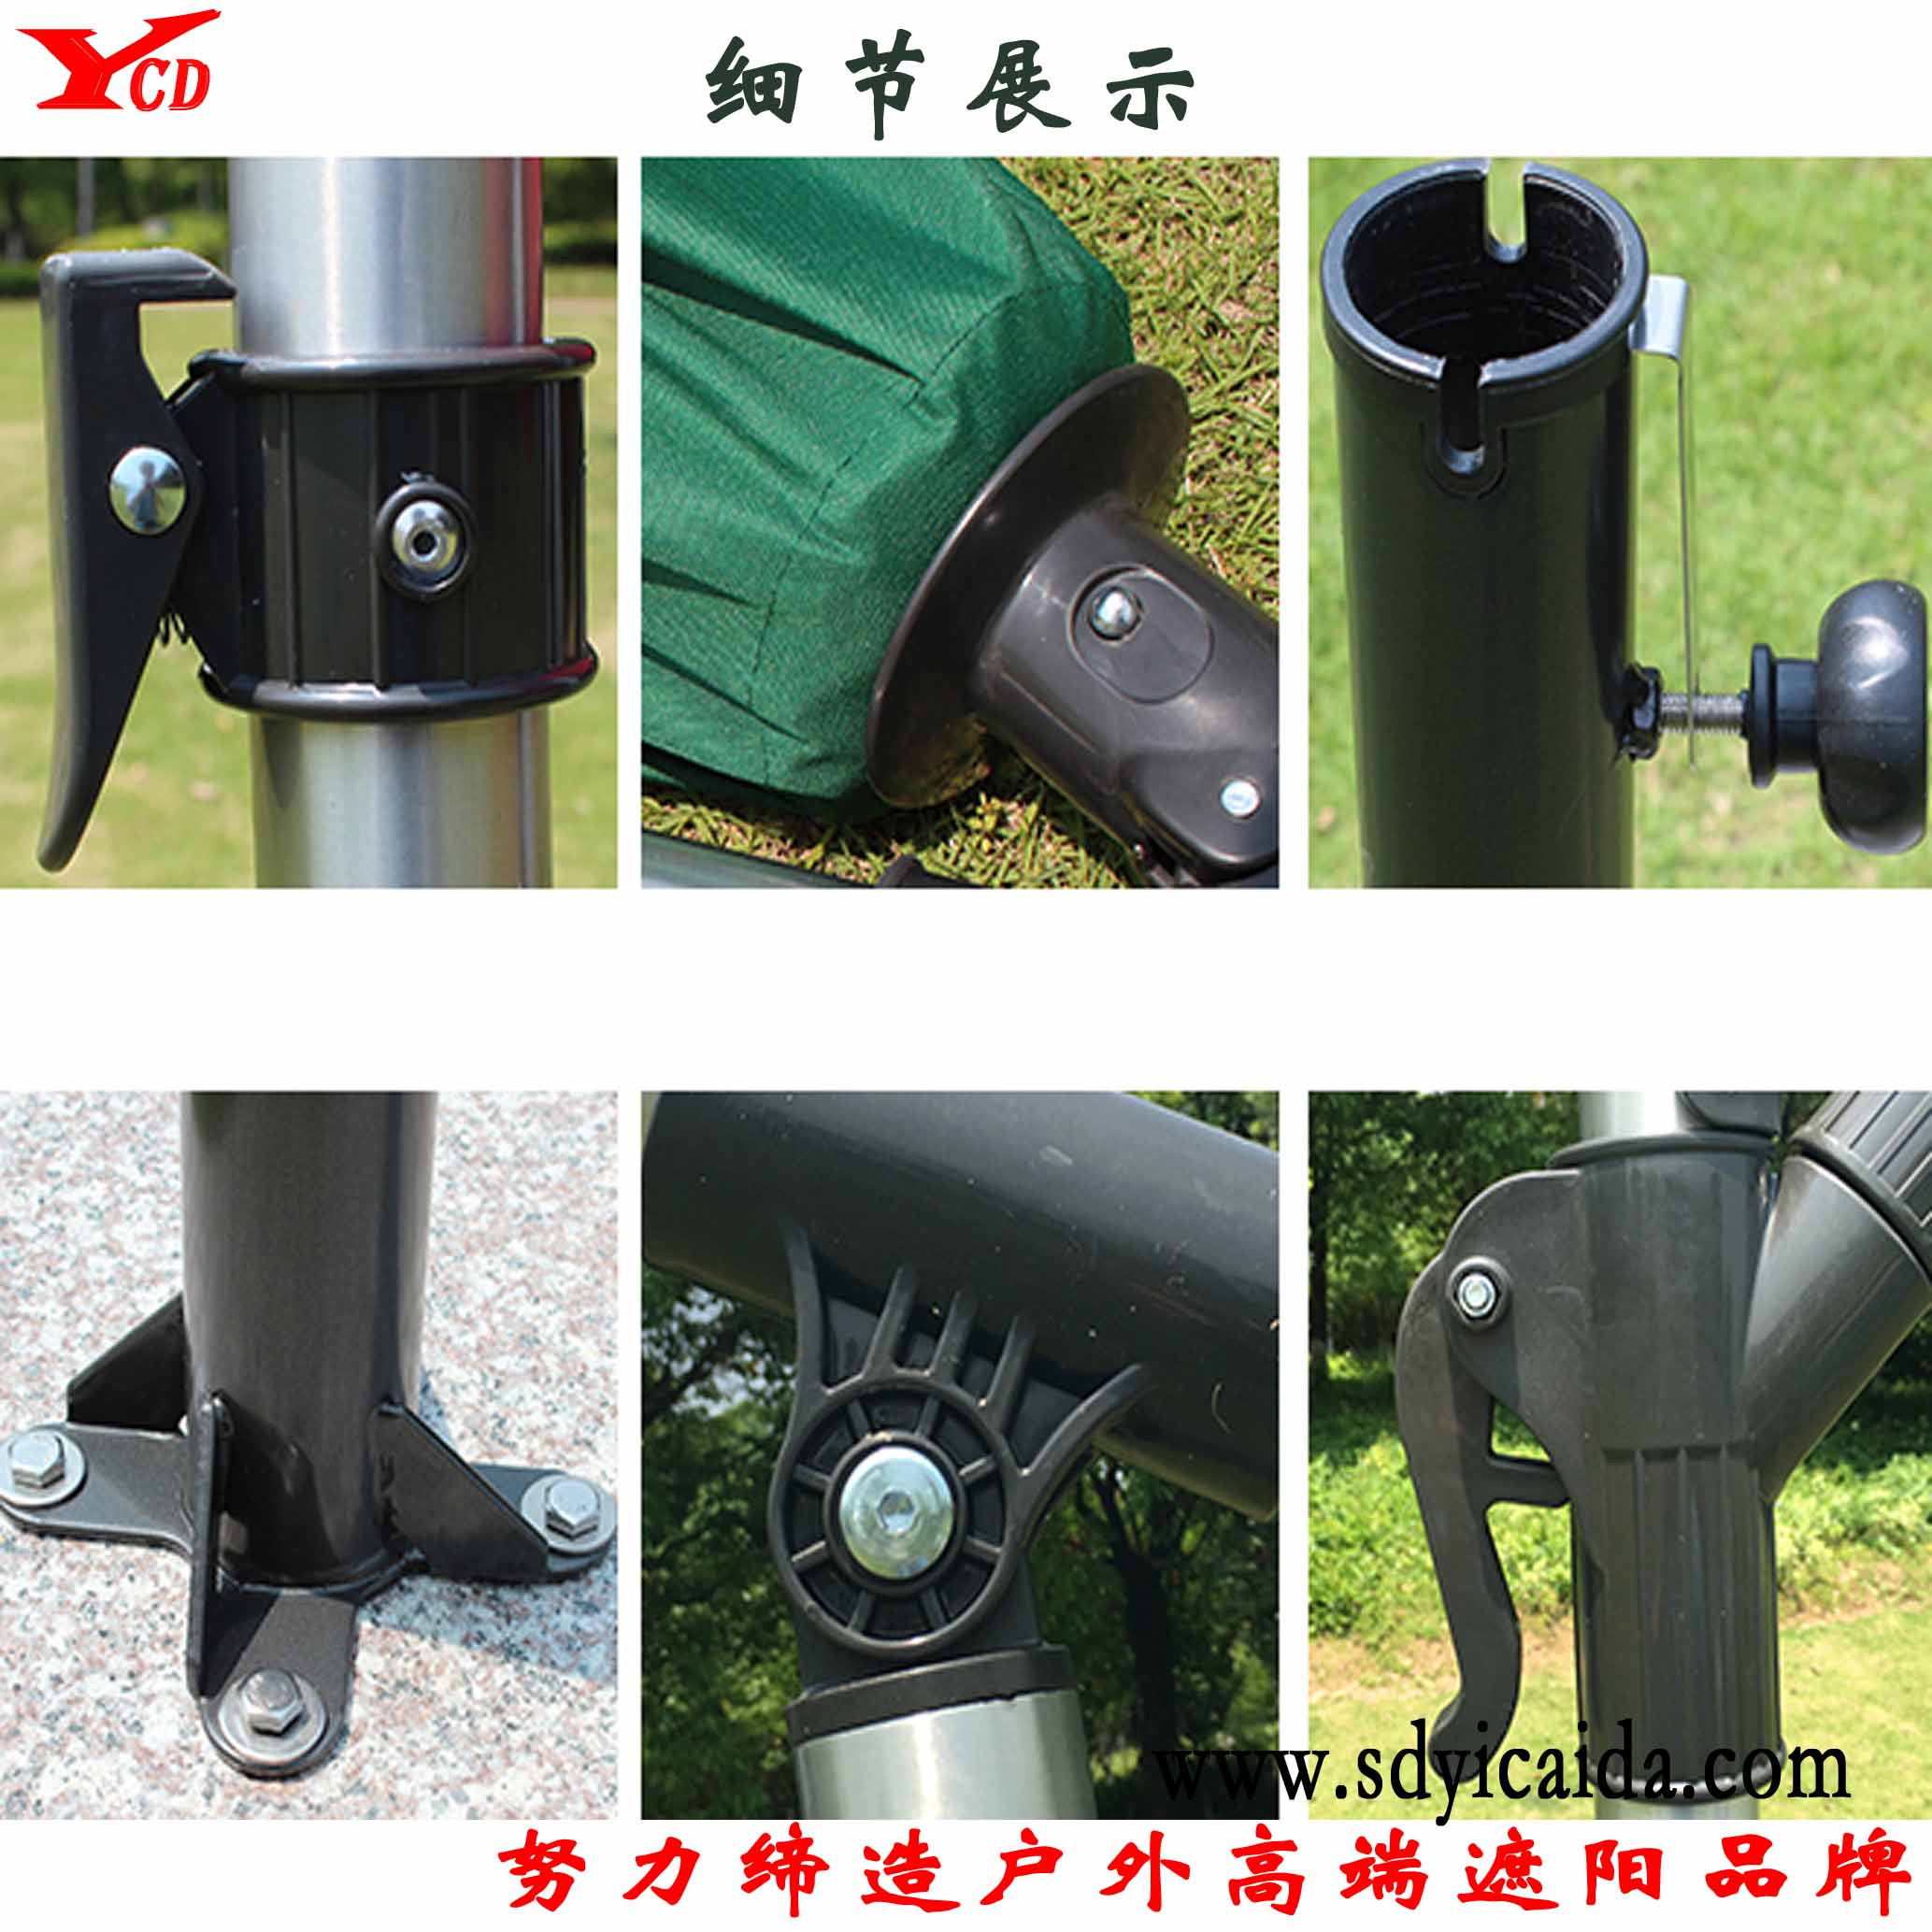 香蕉伞|遮阳伞-山东亿彩达遮阳节能科技有限公司